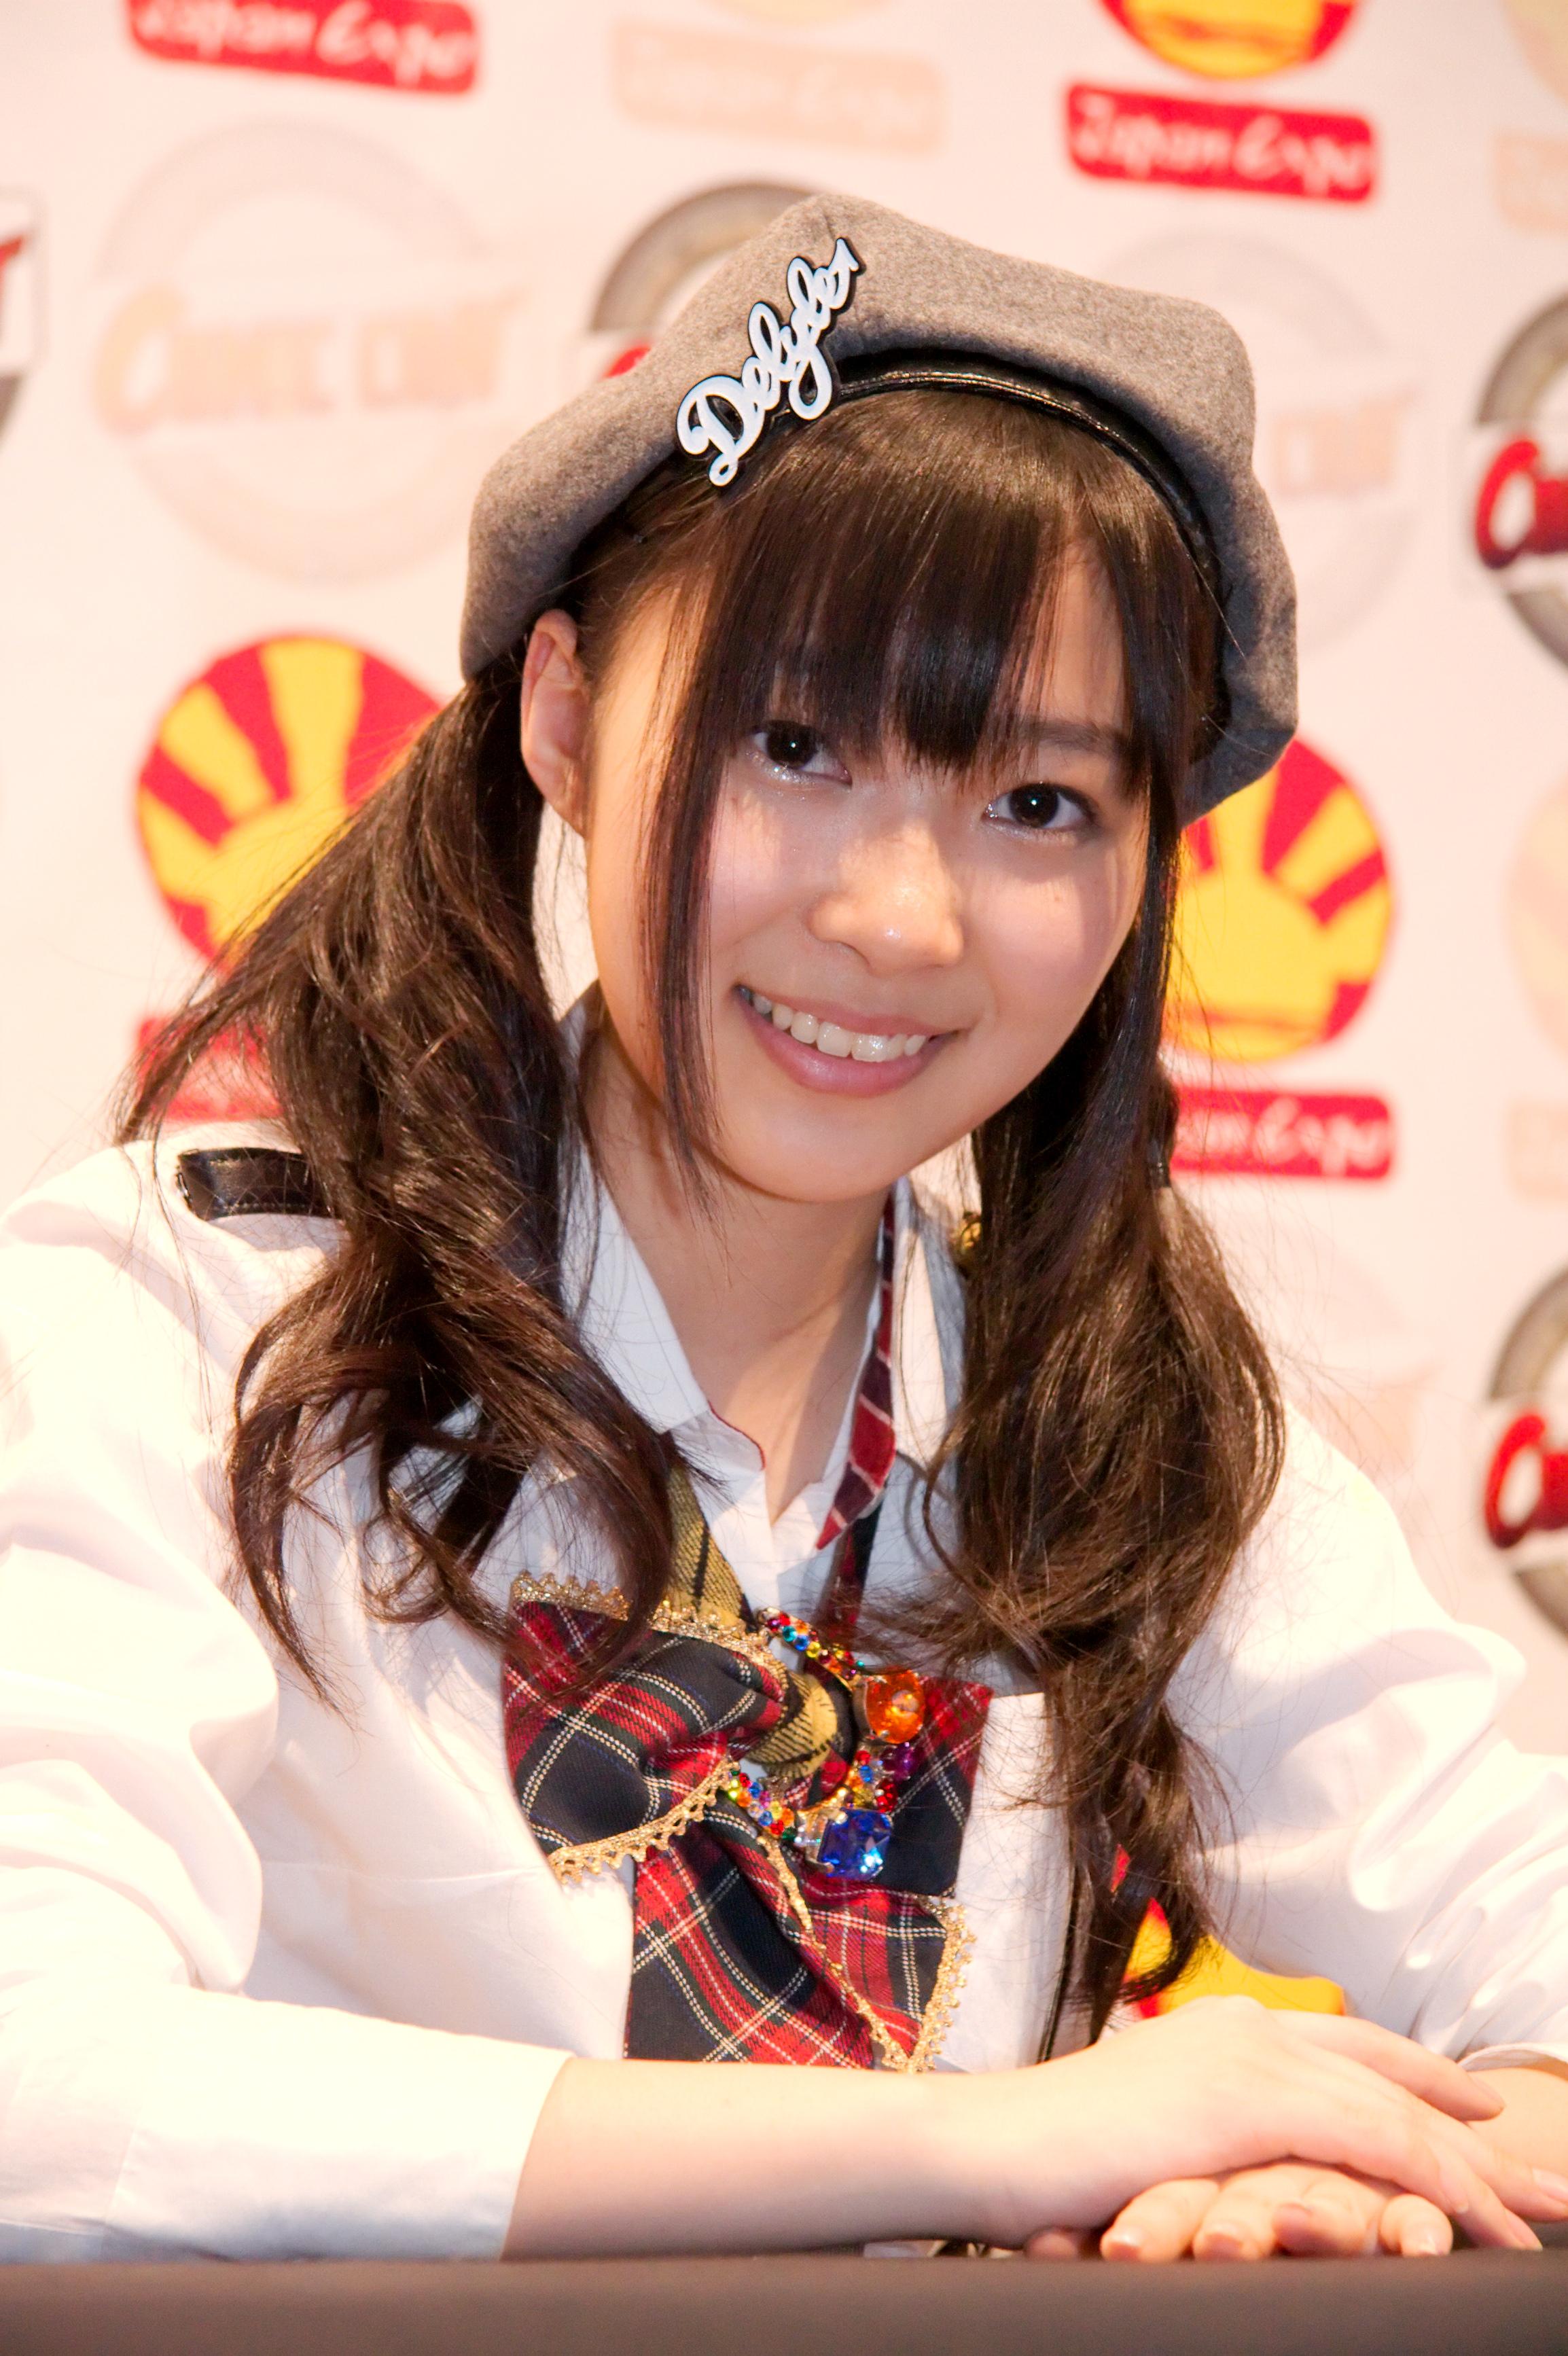 指原莉乃 AKB48 20090704 Japan Expo 22.jpg. 指原 莉乃